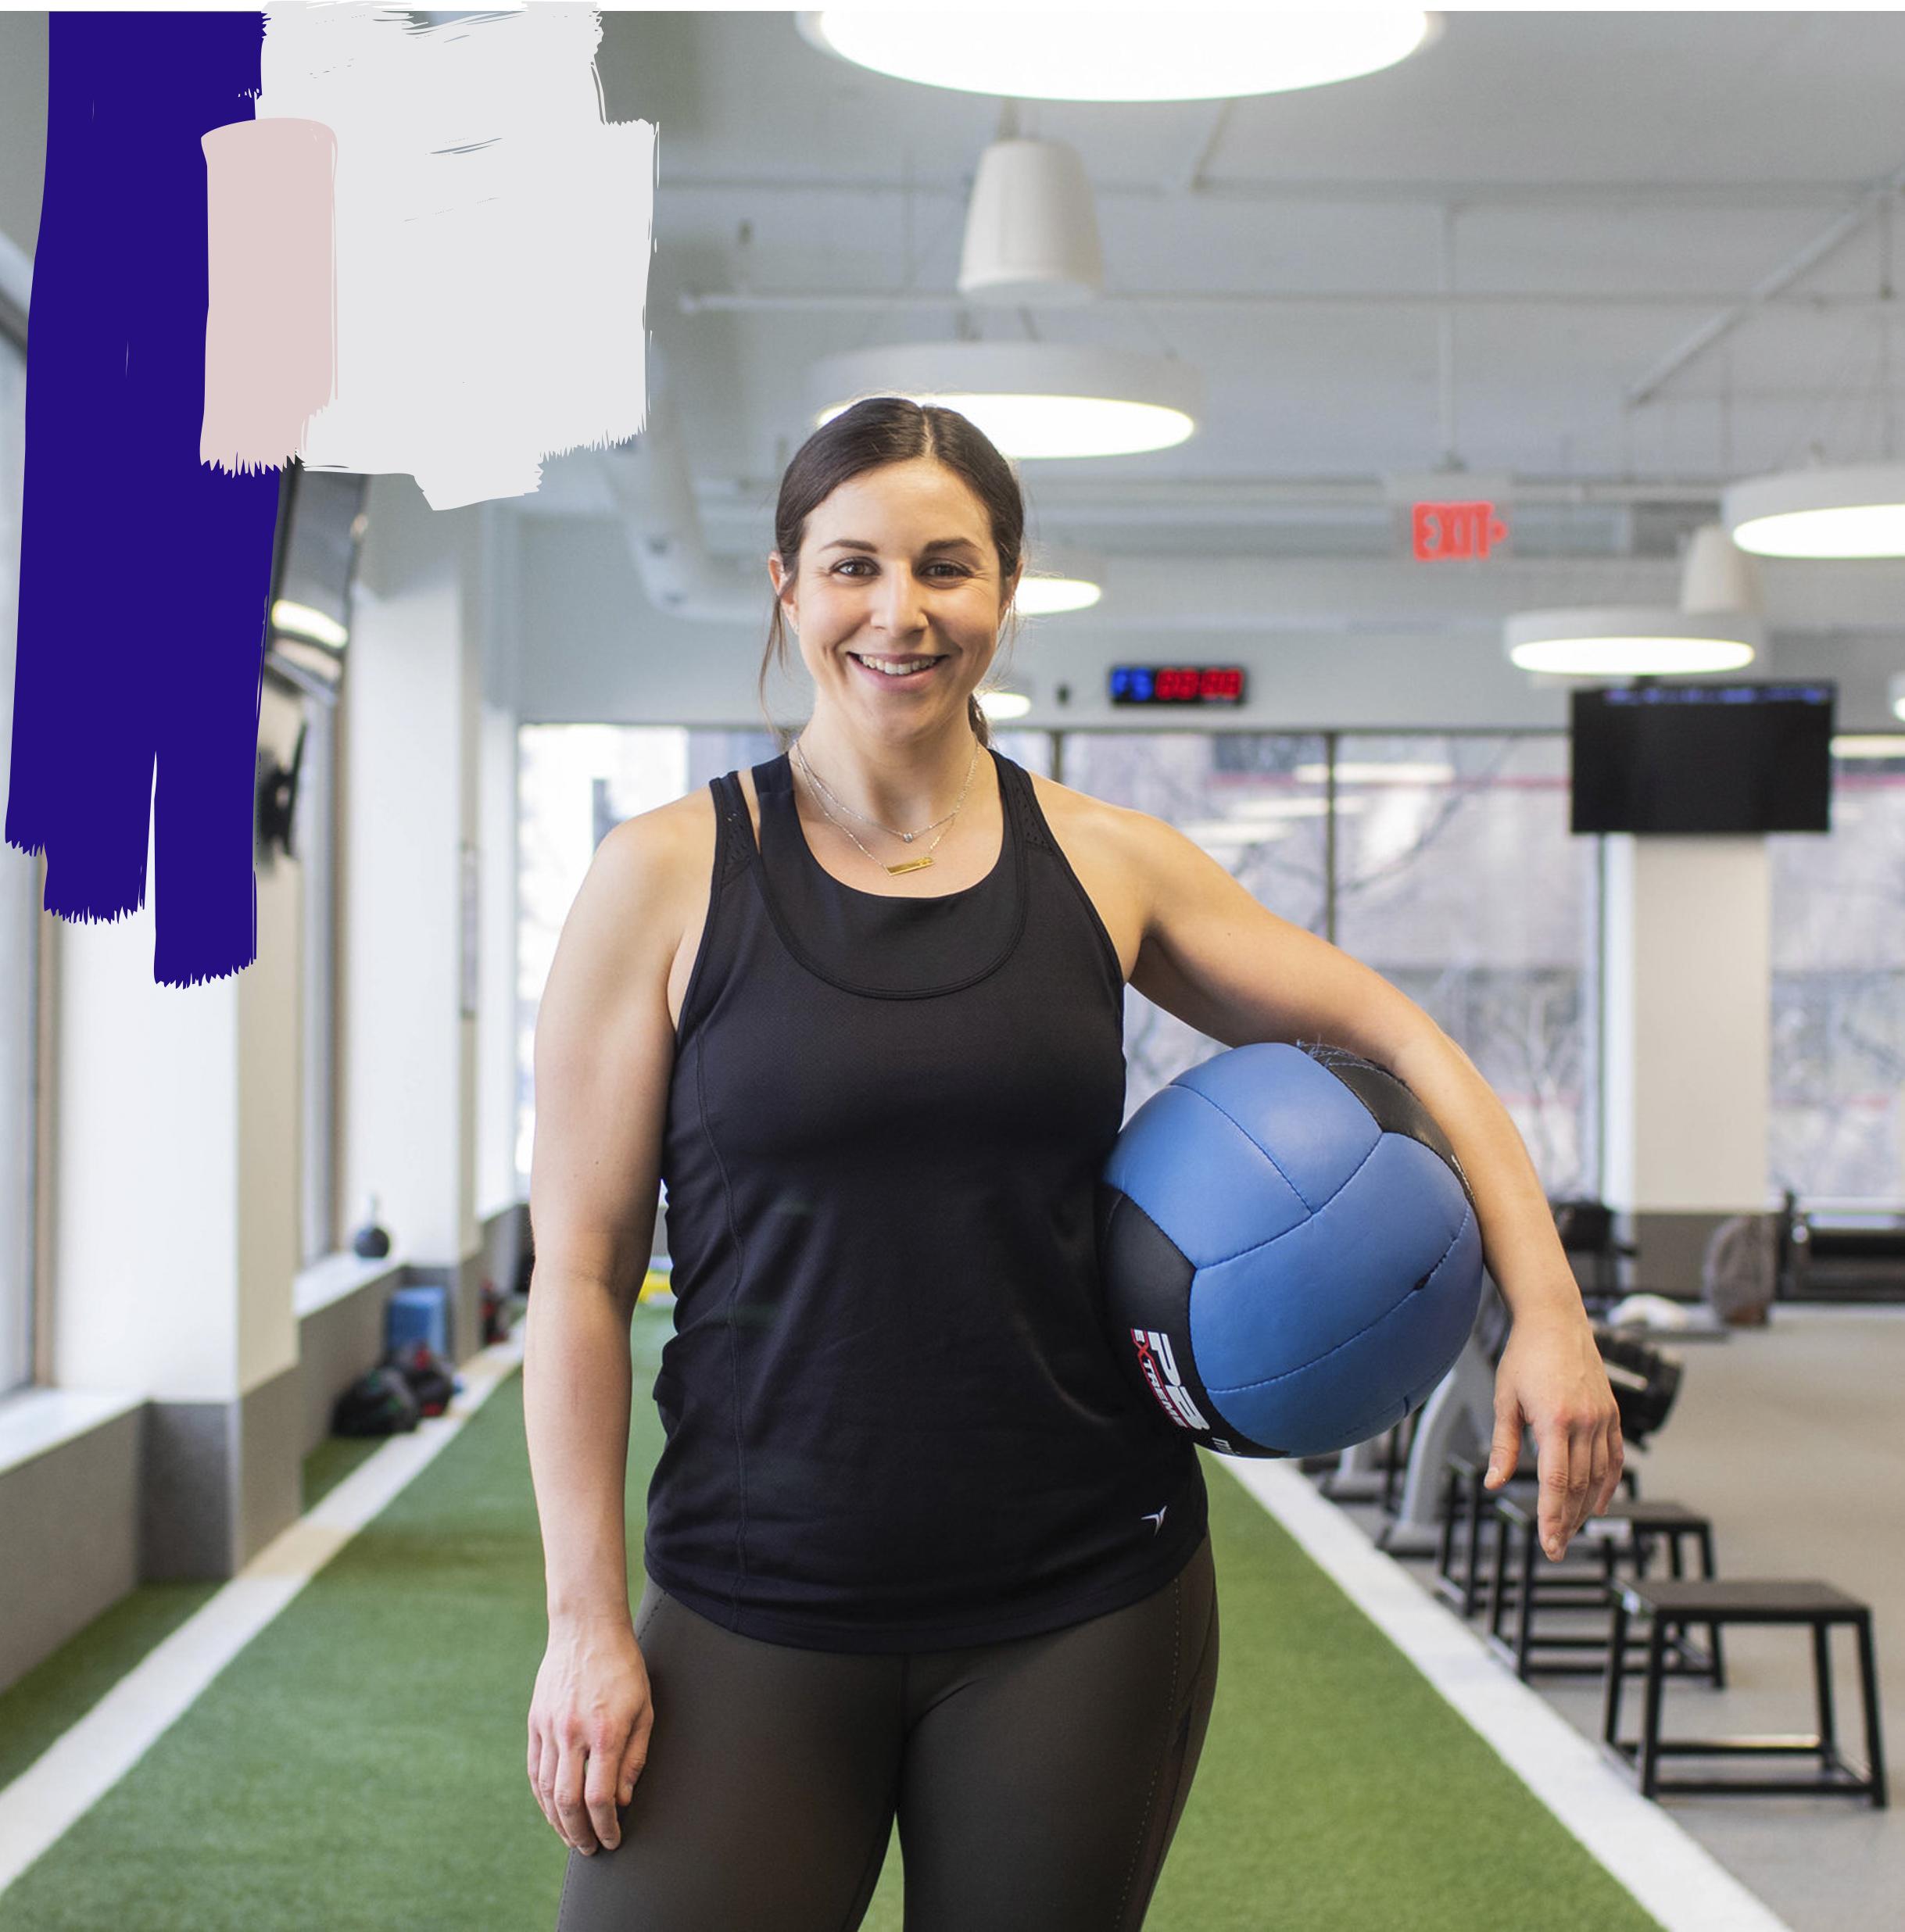 Jenna gym.jpg